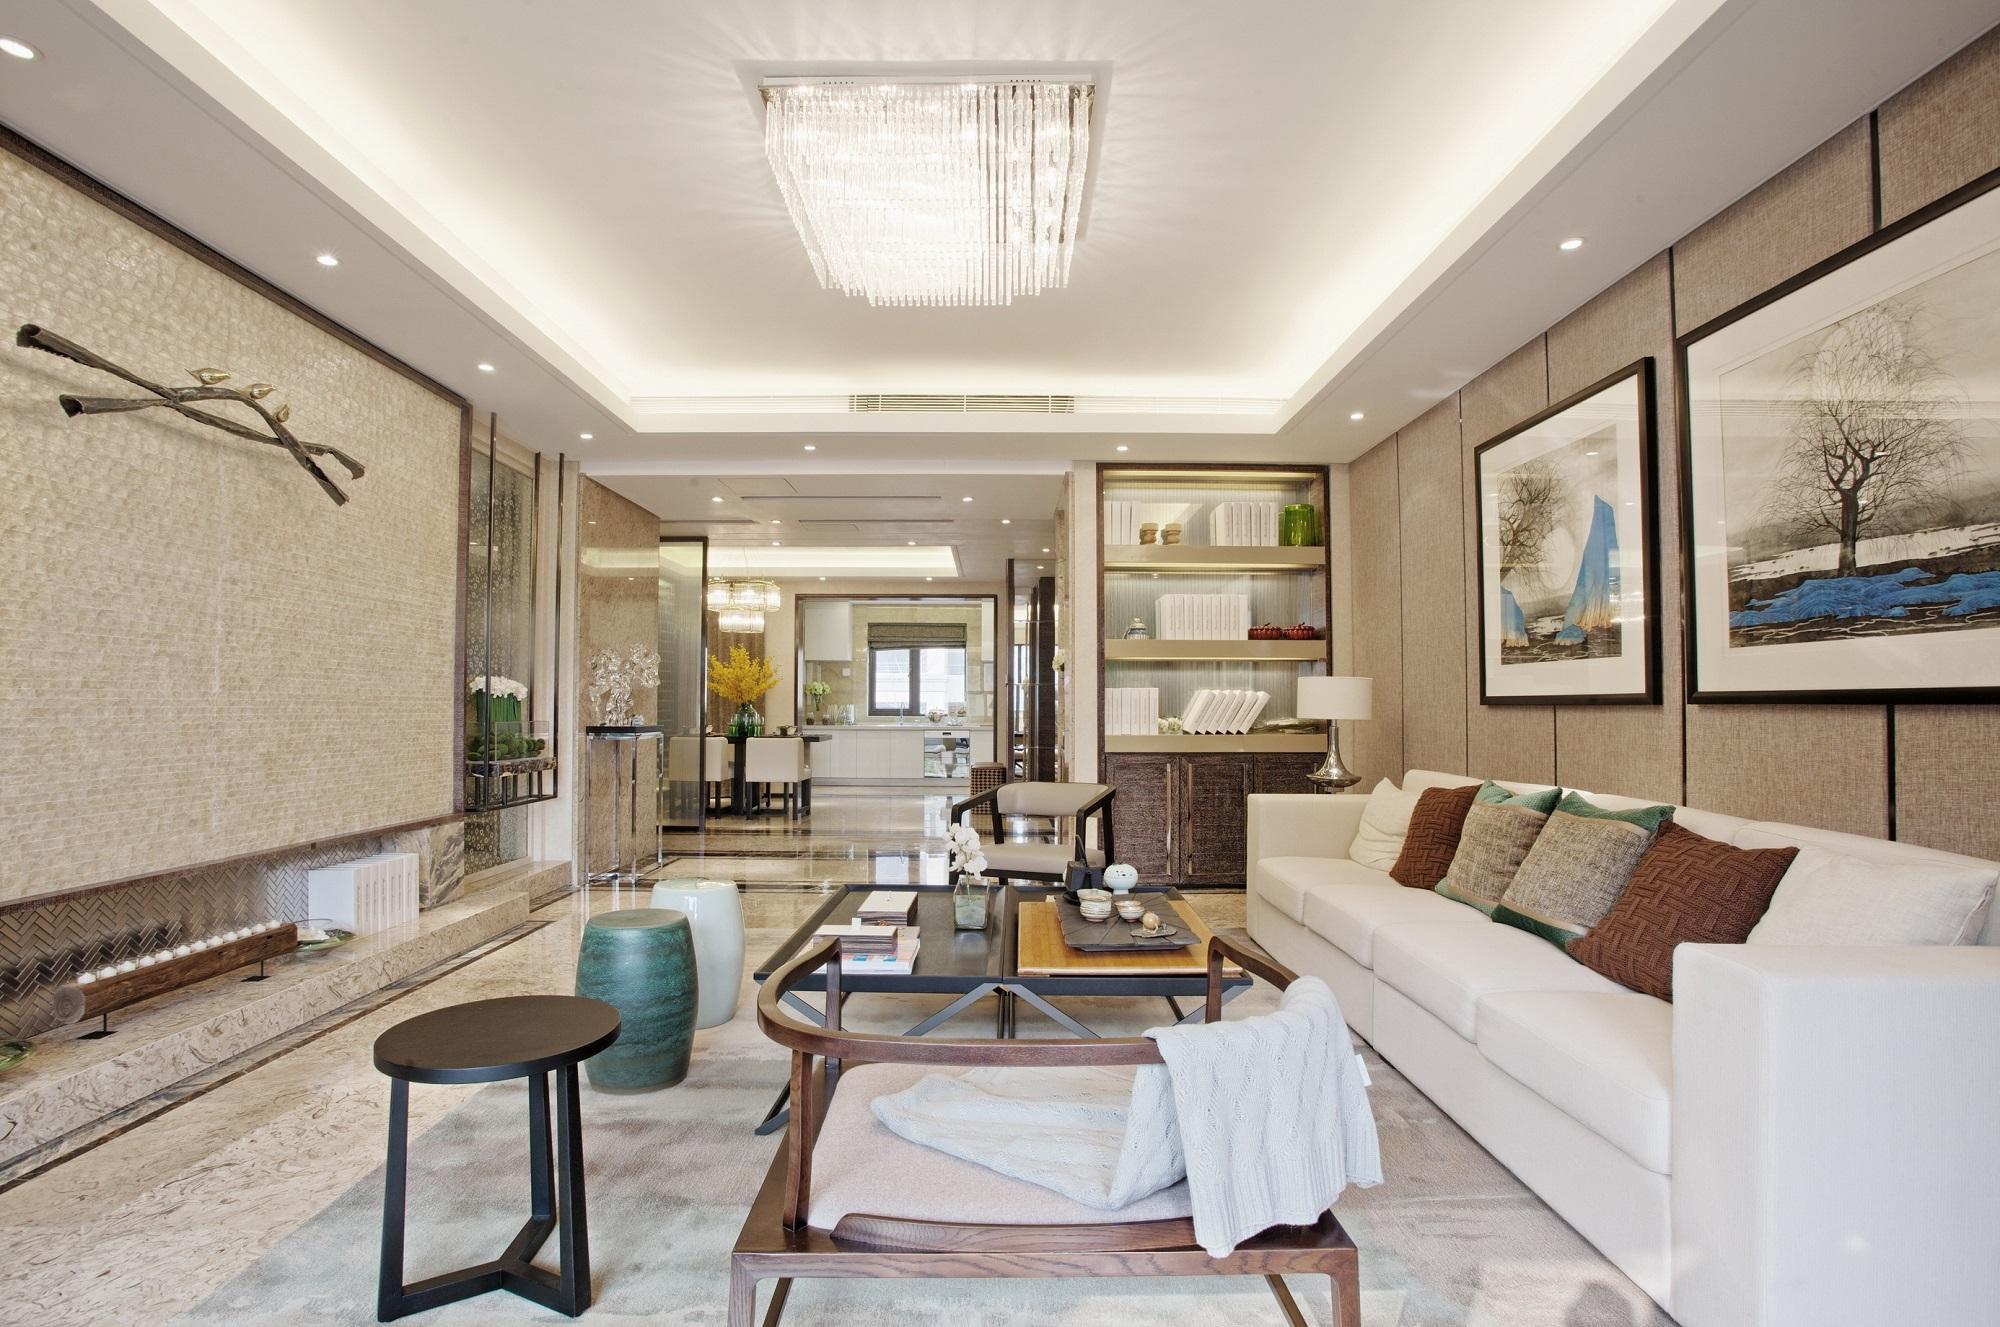 客厅宽敞雅致,整体散发着暖暖的气息,淡雅的色彩、简练的线条,无一不体现着时尚舒适的东方意境之美。